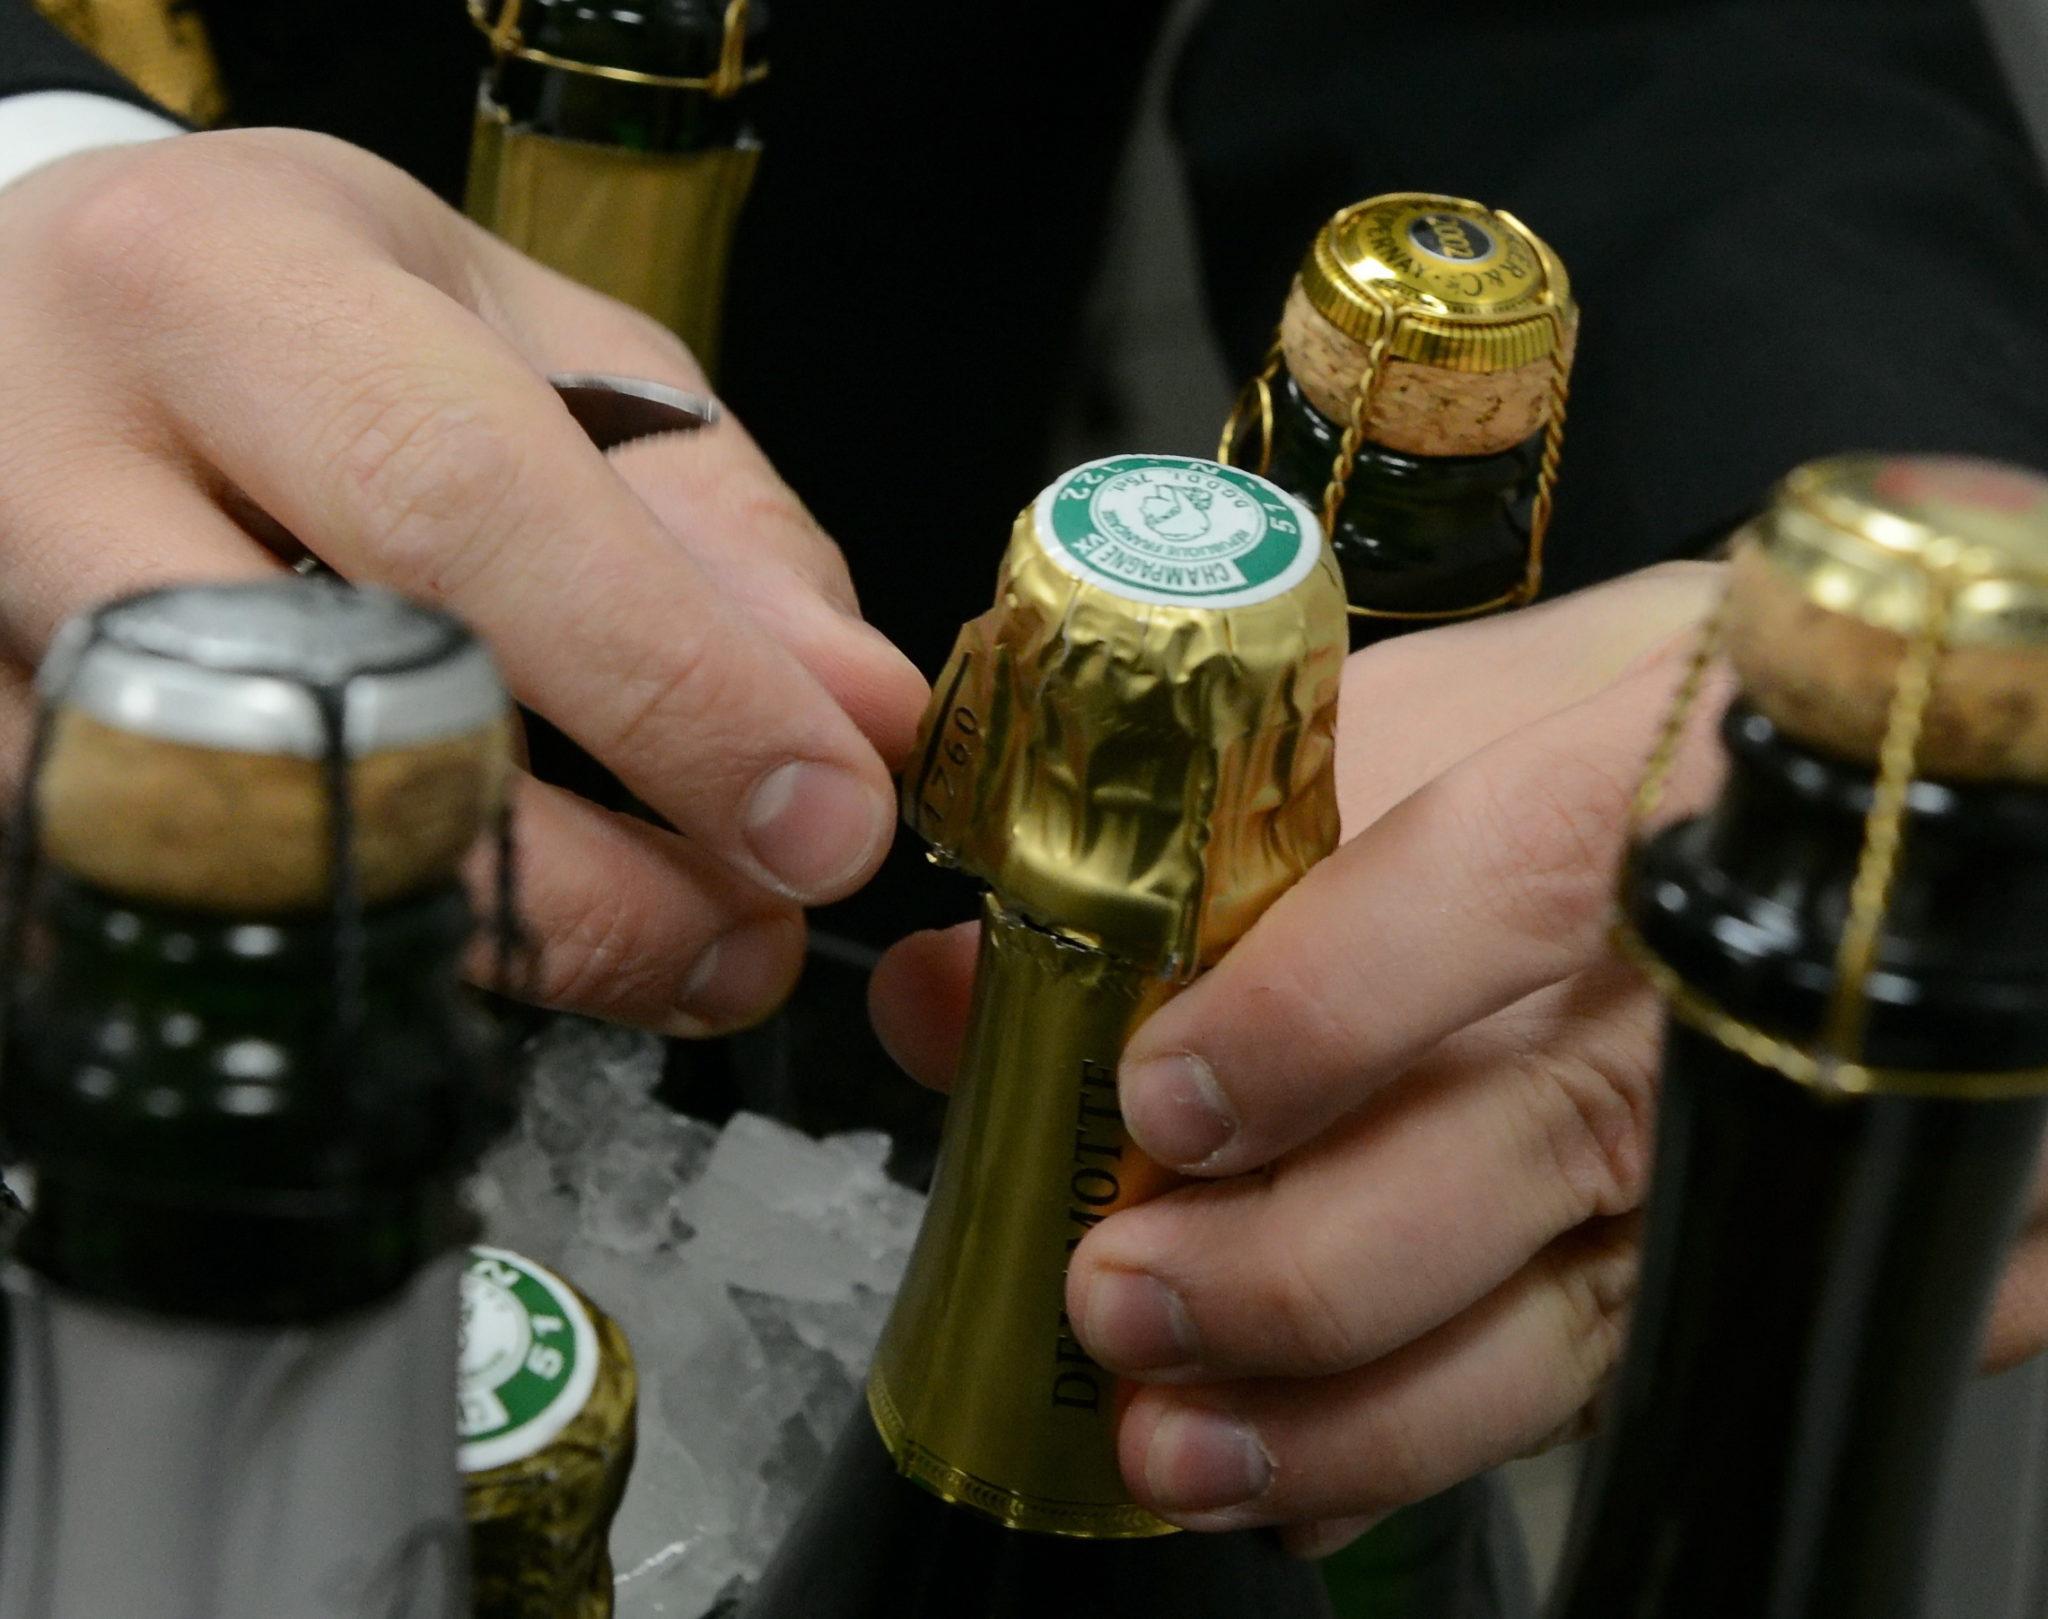 Préceptes pour le soupir d'une bouteille de champagne